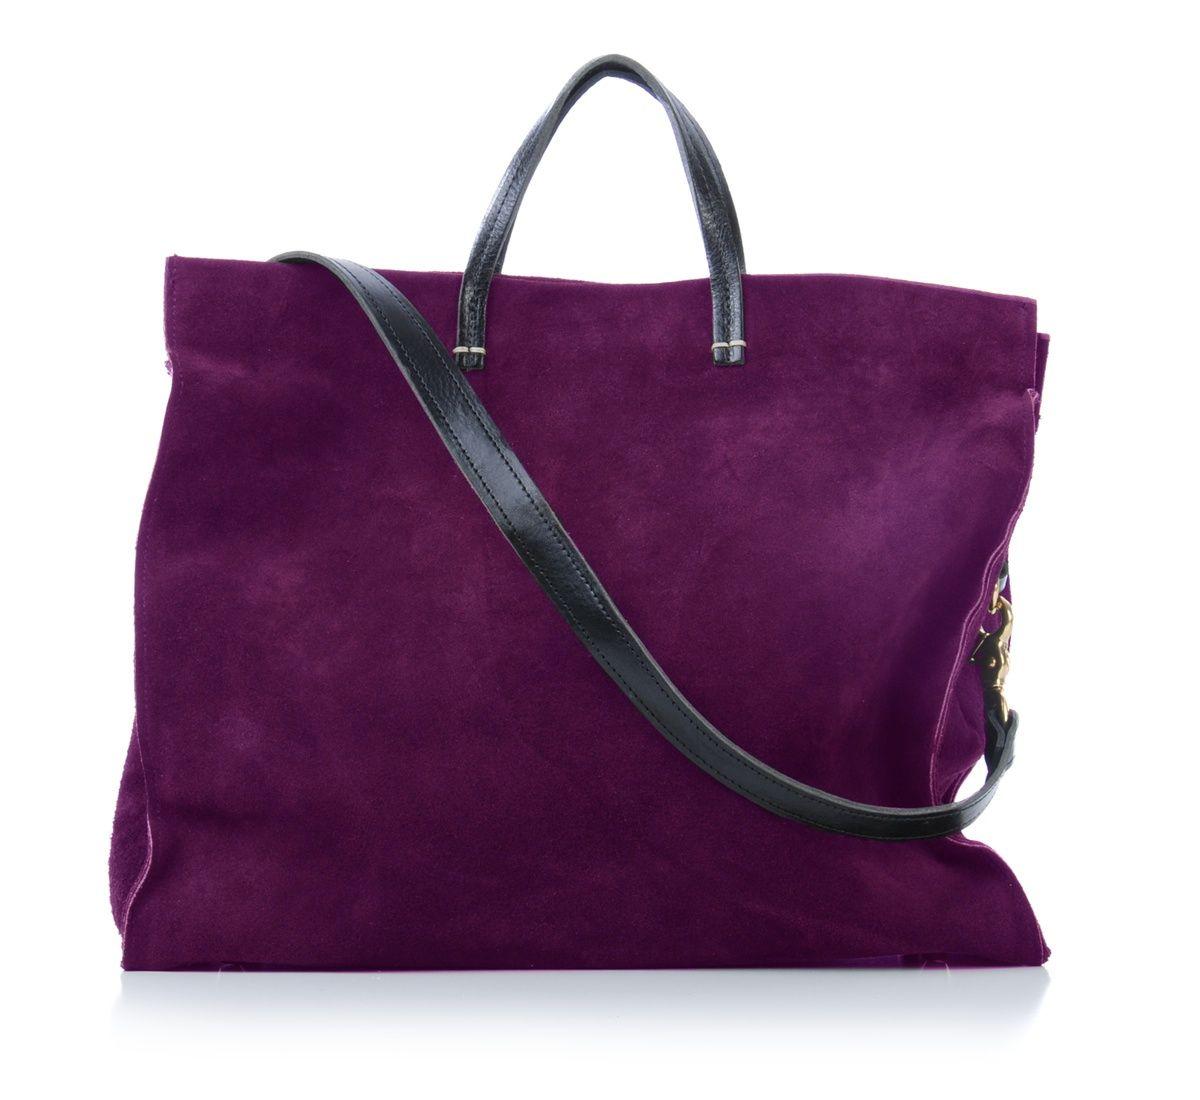 clare vivier purple suede simple tote ::Roztayger :: Designer Handbags & Accessories